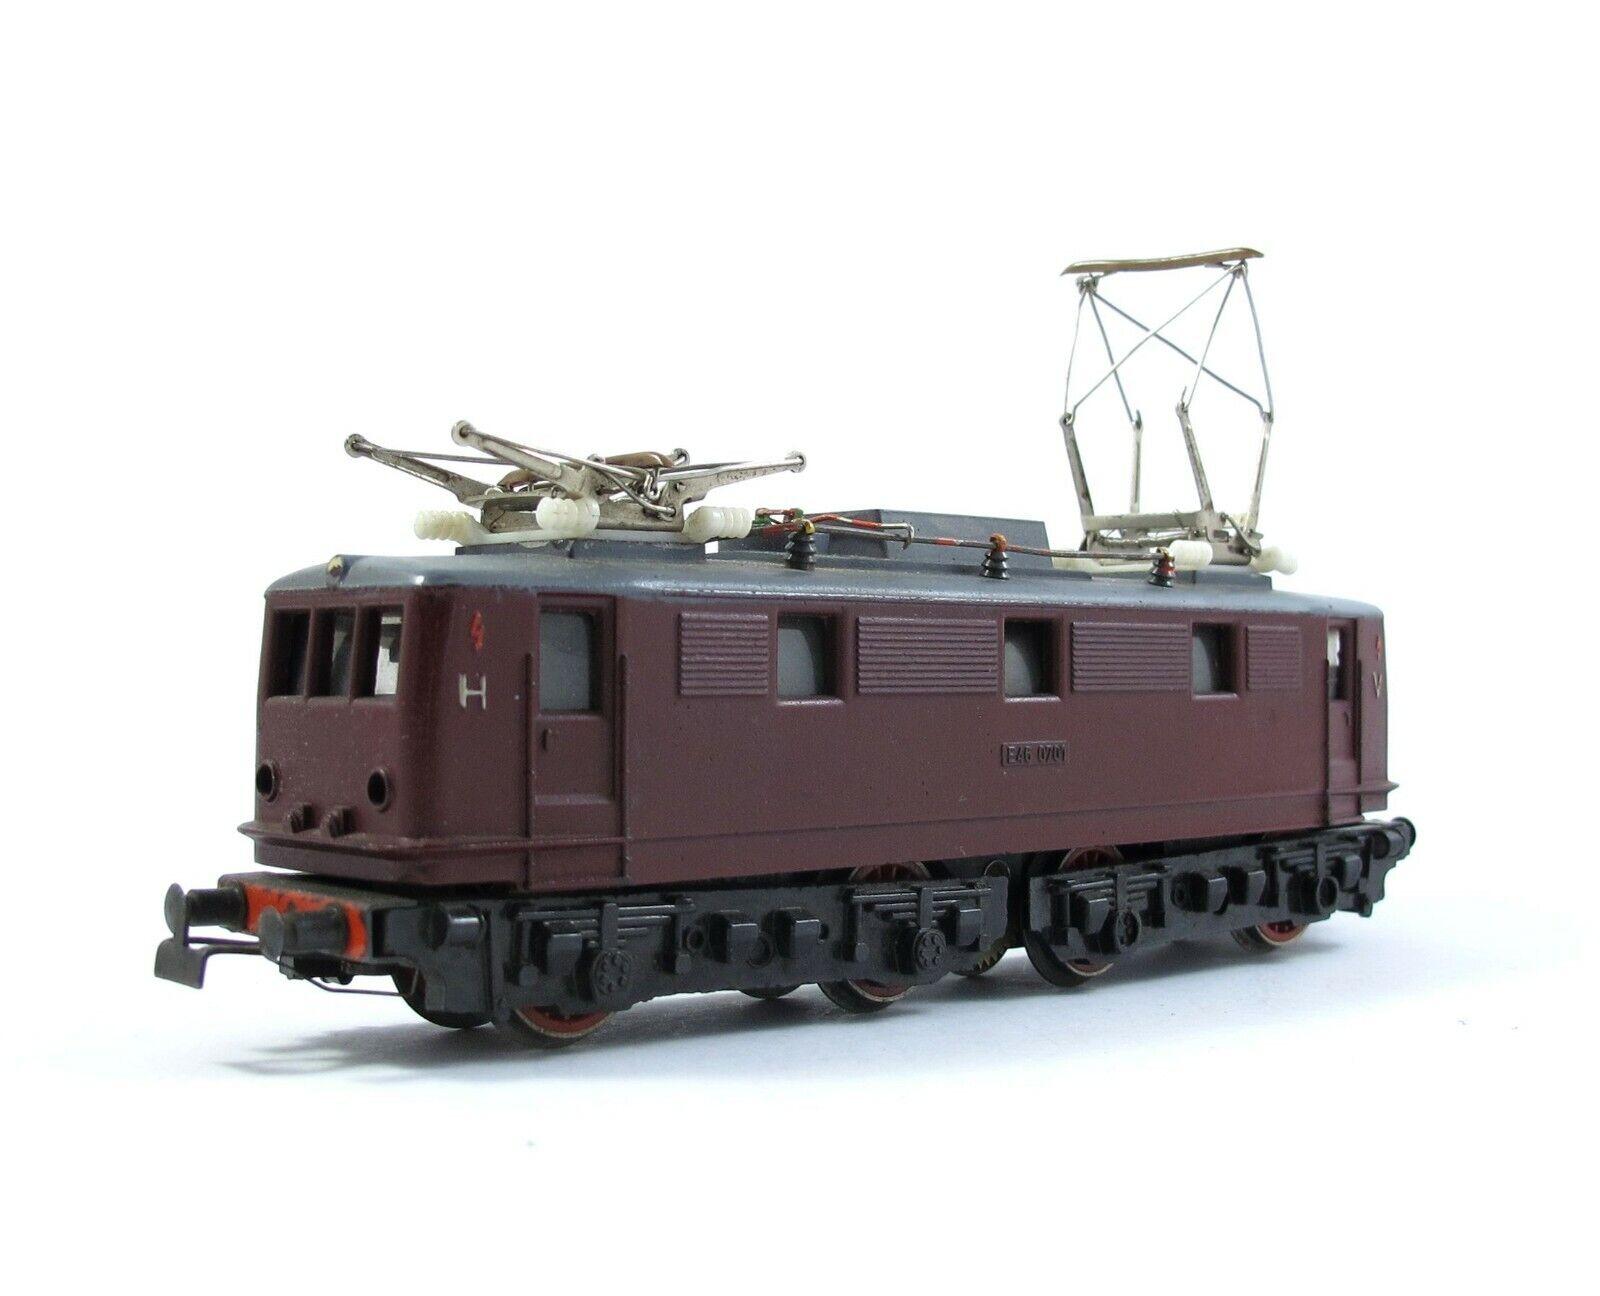 PIKO E-Lok e 46 0701 traccia h0 Marrone a partire dal 1955